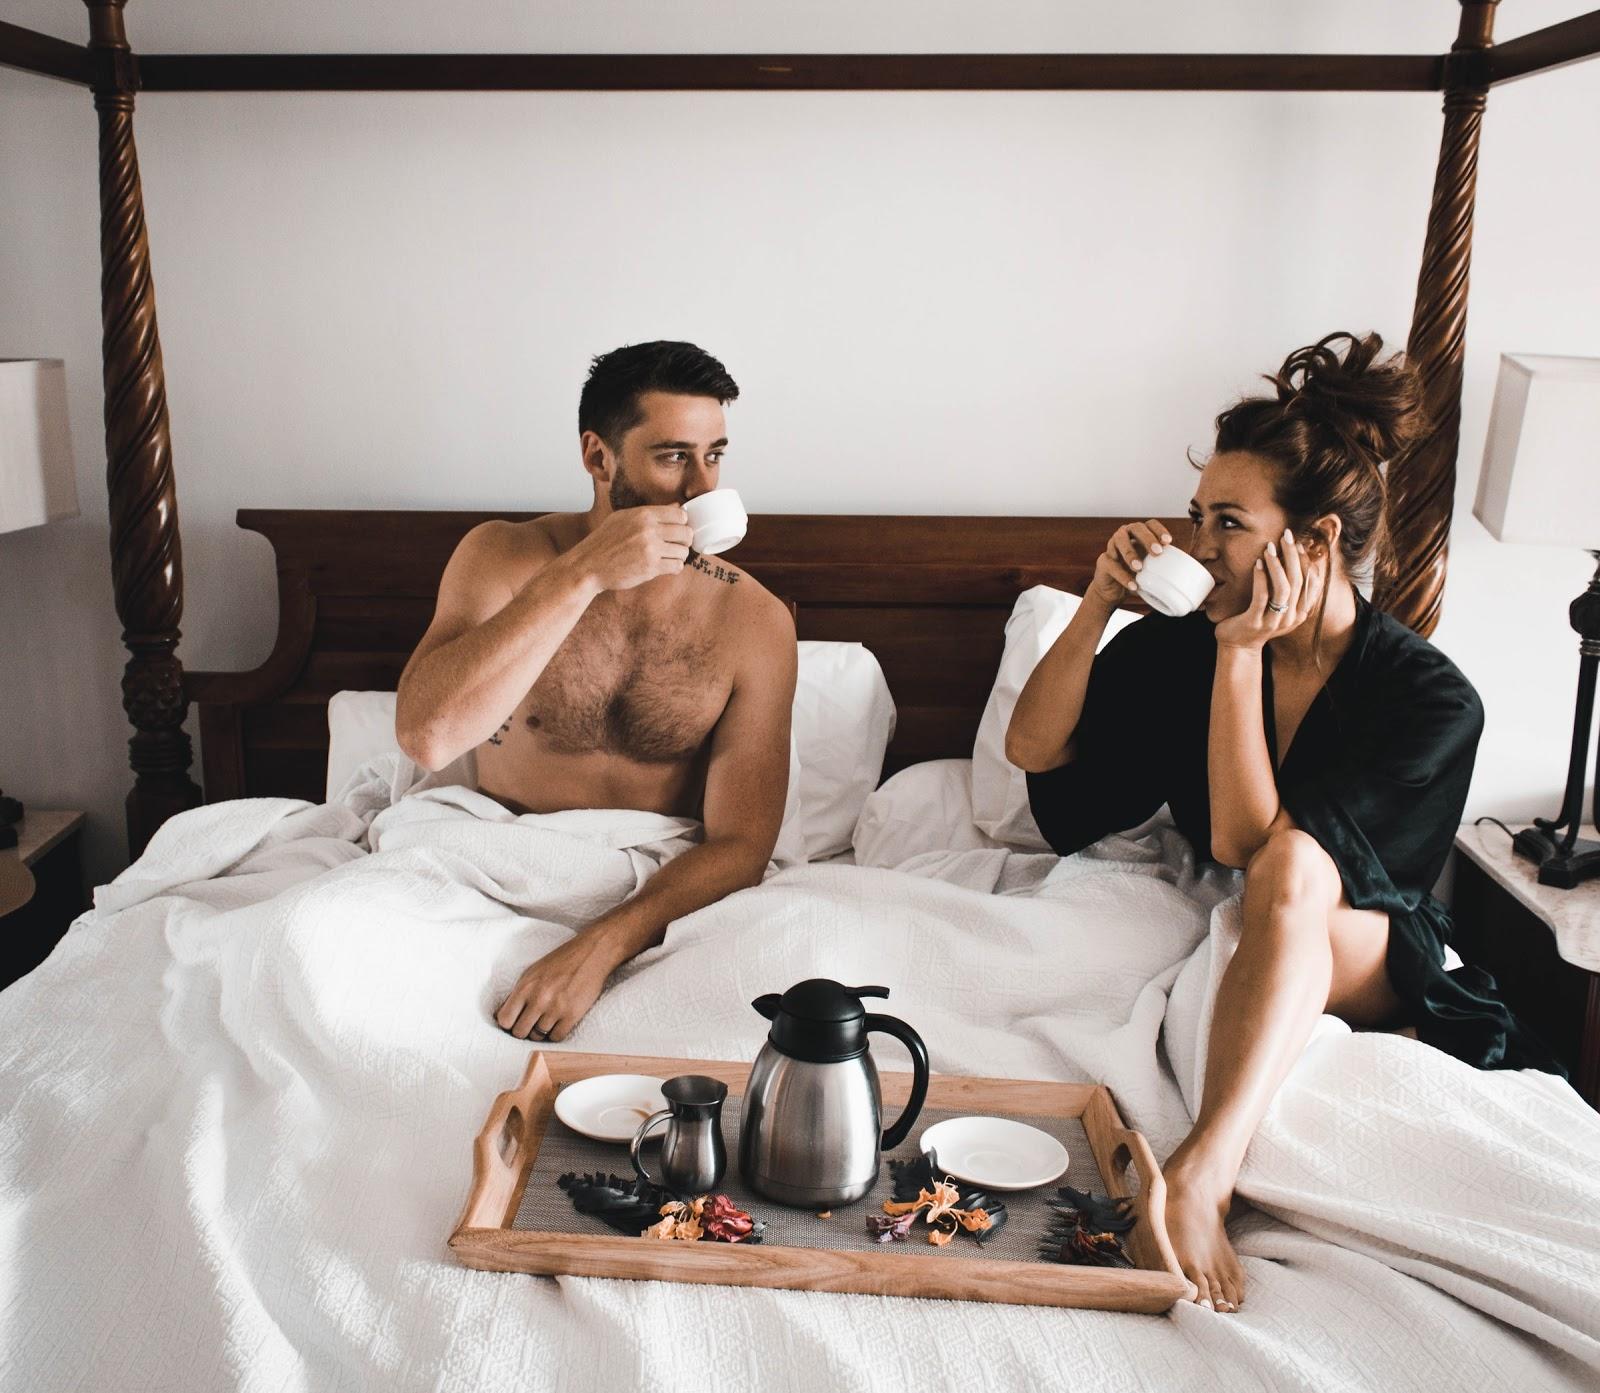 Relationship Tips For Vegan/Non-Vegan Couples